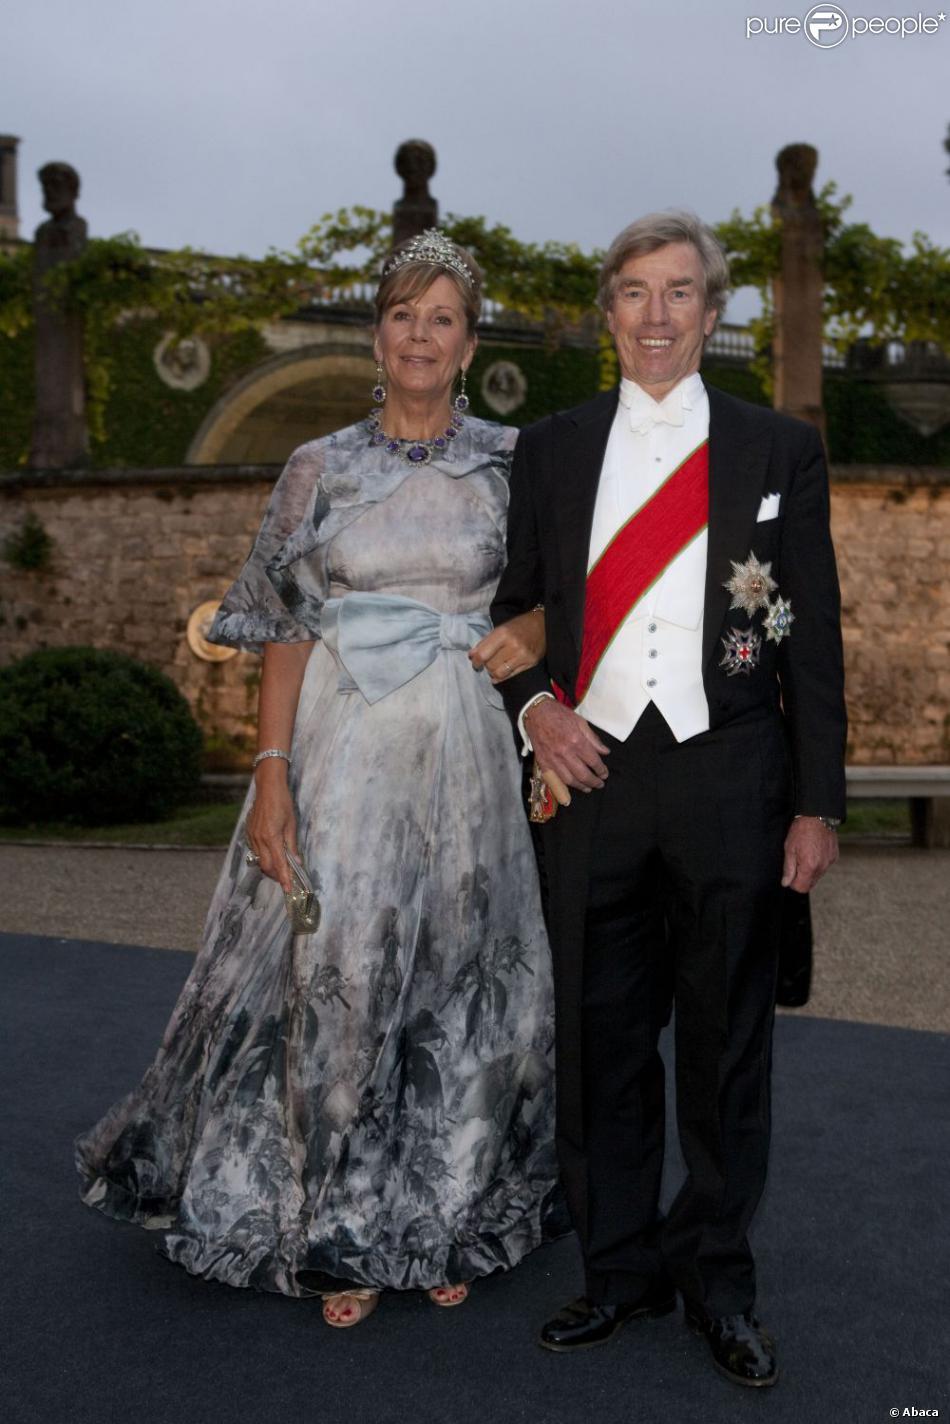 Le prince Leopold de Bavière et la princesse Ursula au mariage du prince  Georg Friedrich de Prusse et de Sophie d\u0027Isembourg le 27 août 2011 à  Potsdam.